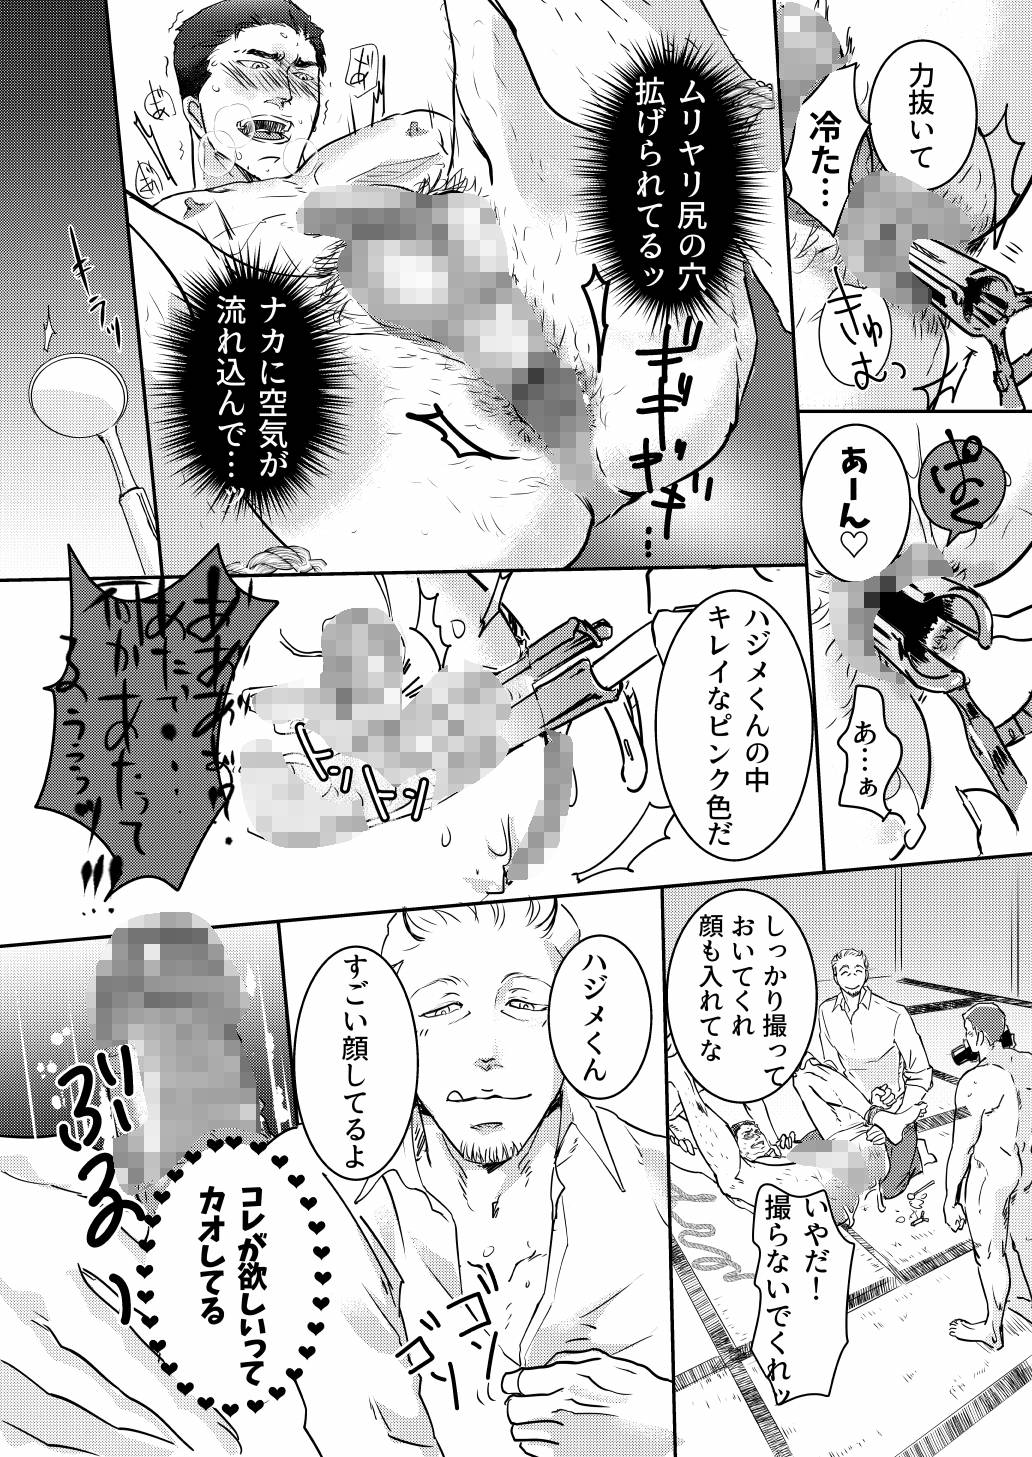 [星ノ匣] の【USP】